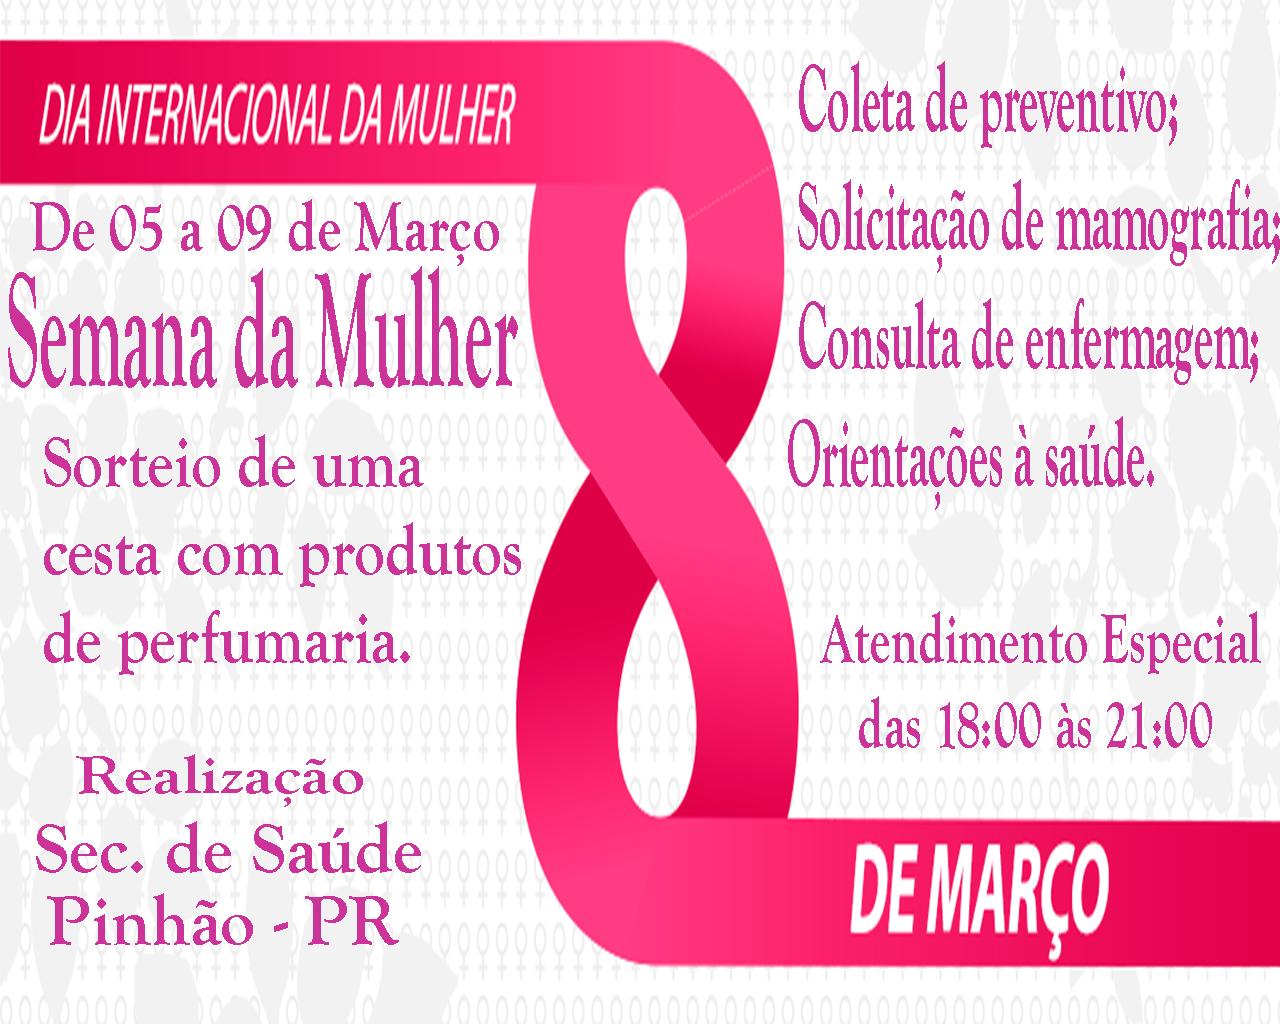 SEMANA DA MULHER 8 DE MARÇO